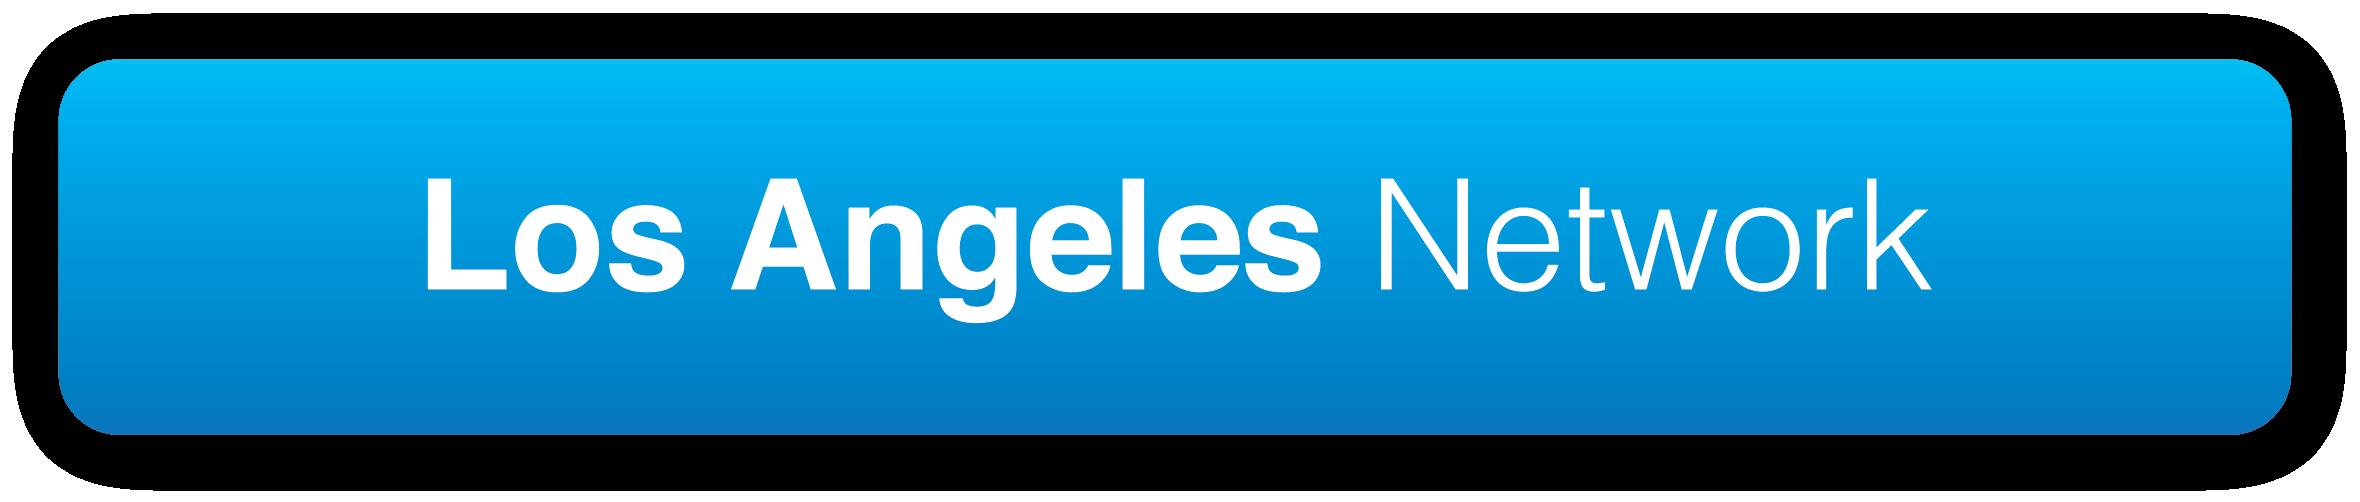 LA_Network_Web_Button.png